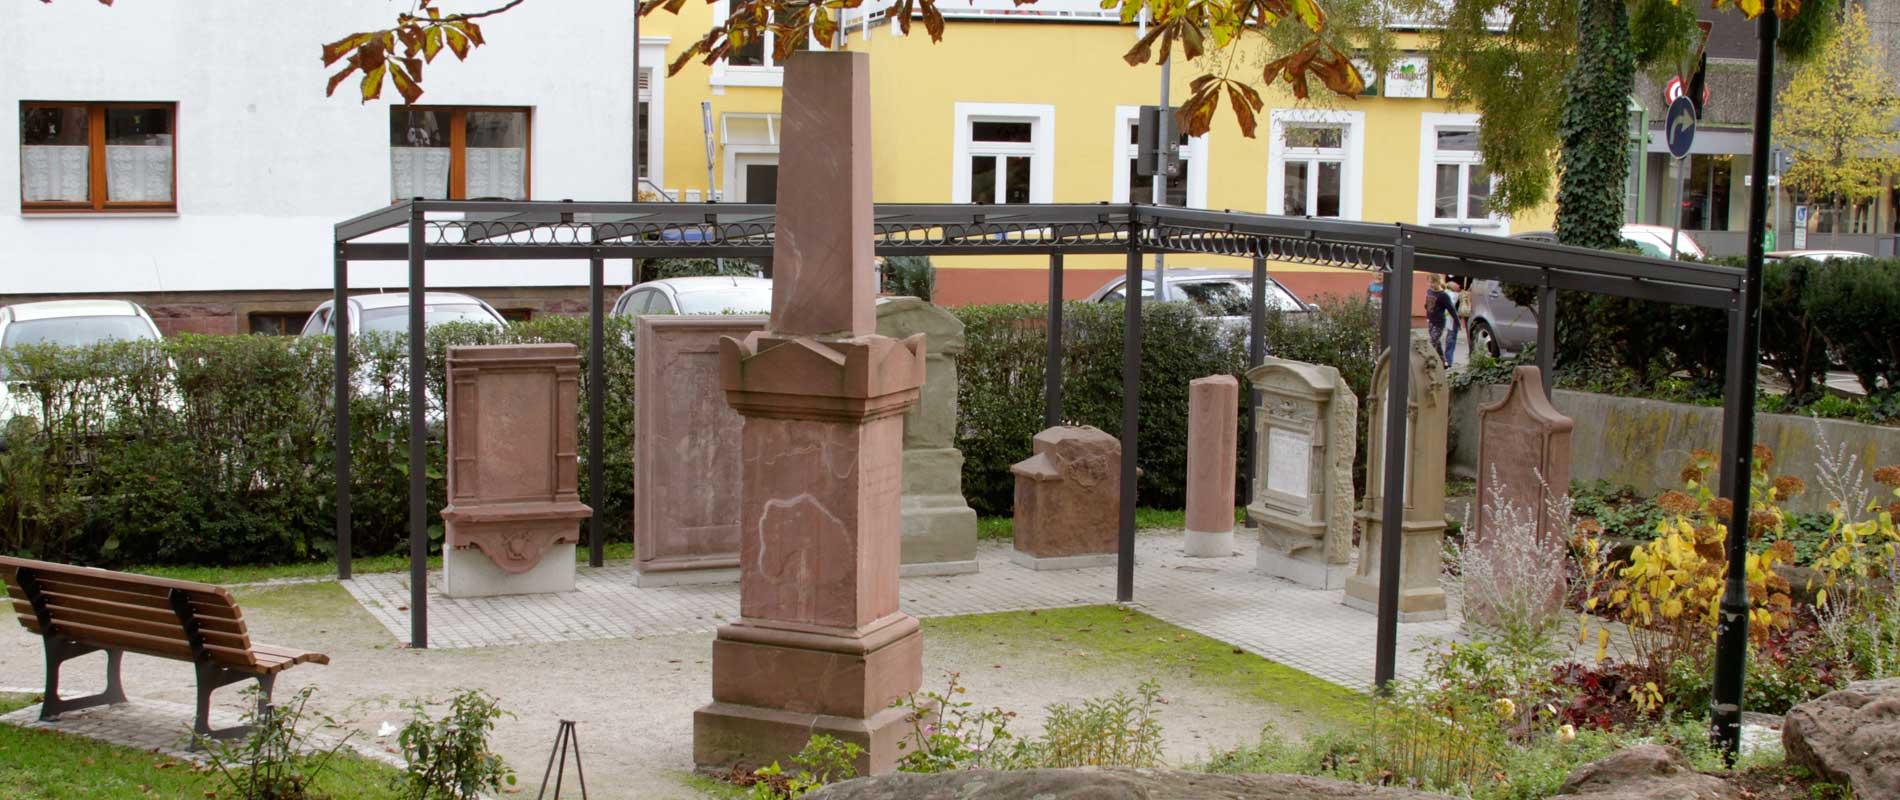 Kulturprojekt Schillerpark: Grabsteine Wieslocher Persönlichkeiten, die gerettet wurden.